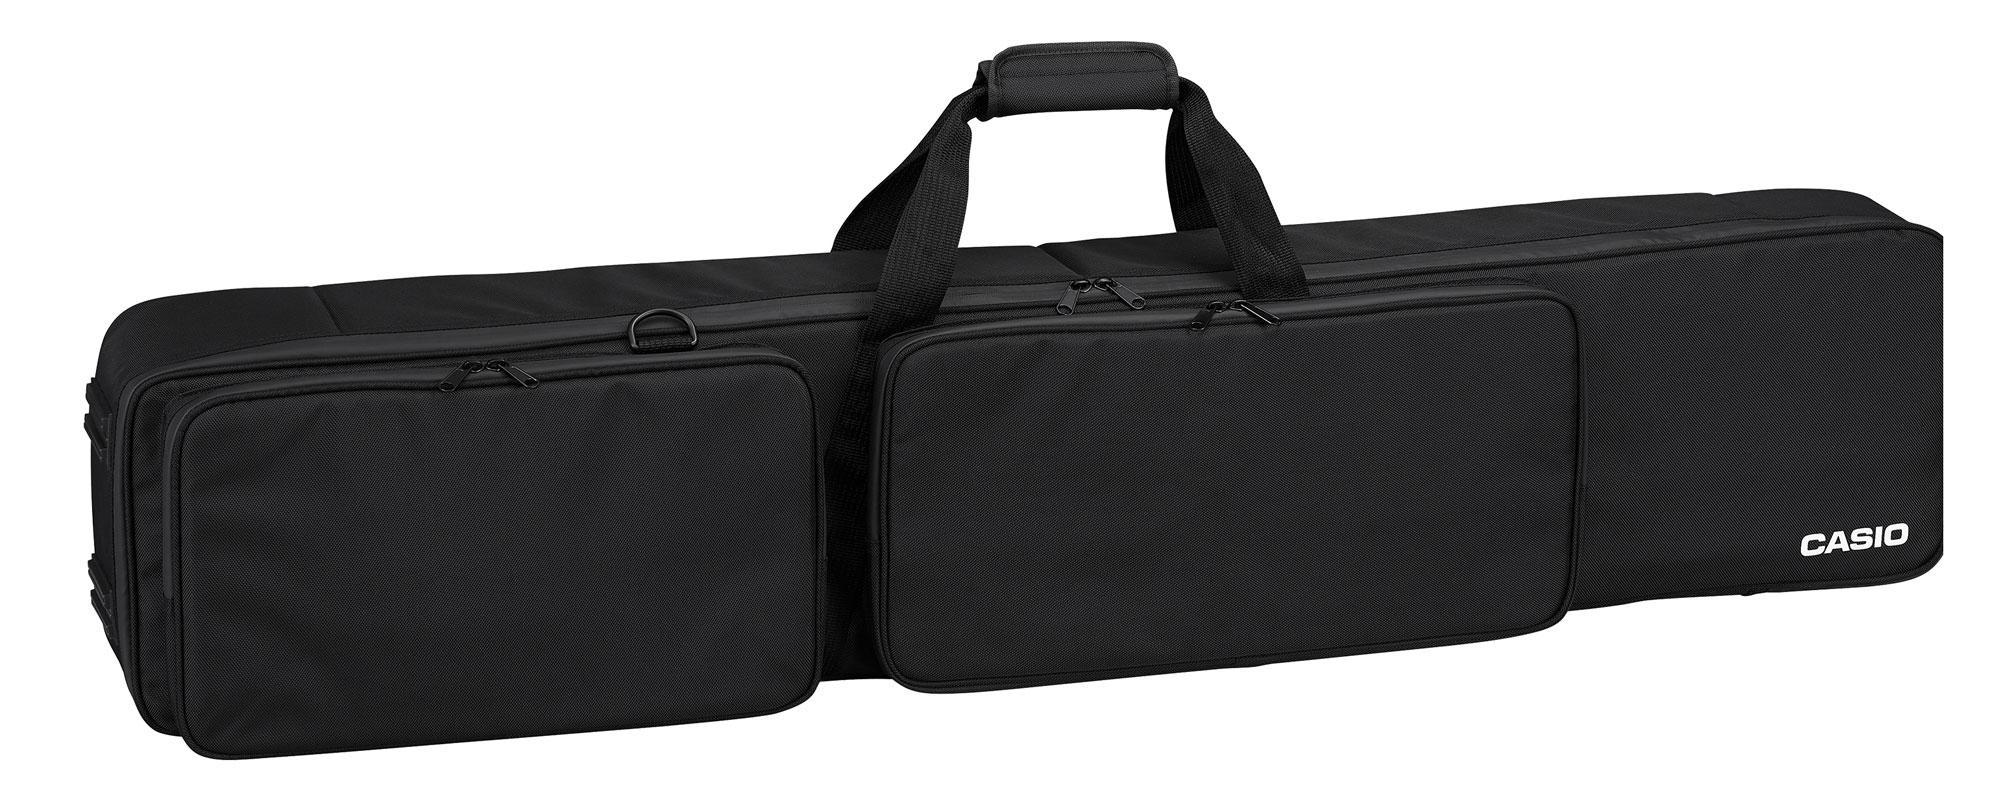 Zubehoerkeyboards - Casio SC 800P Transporttasche - Onlineshop Musikhaus Kirstein